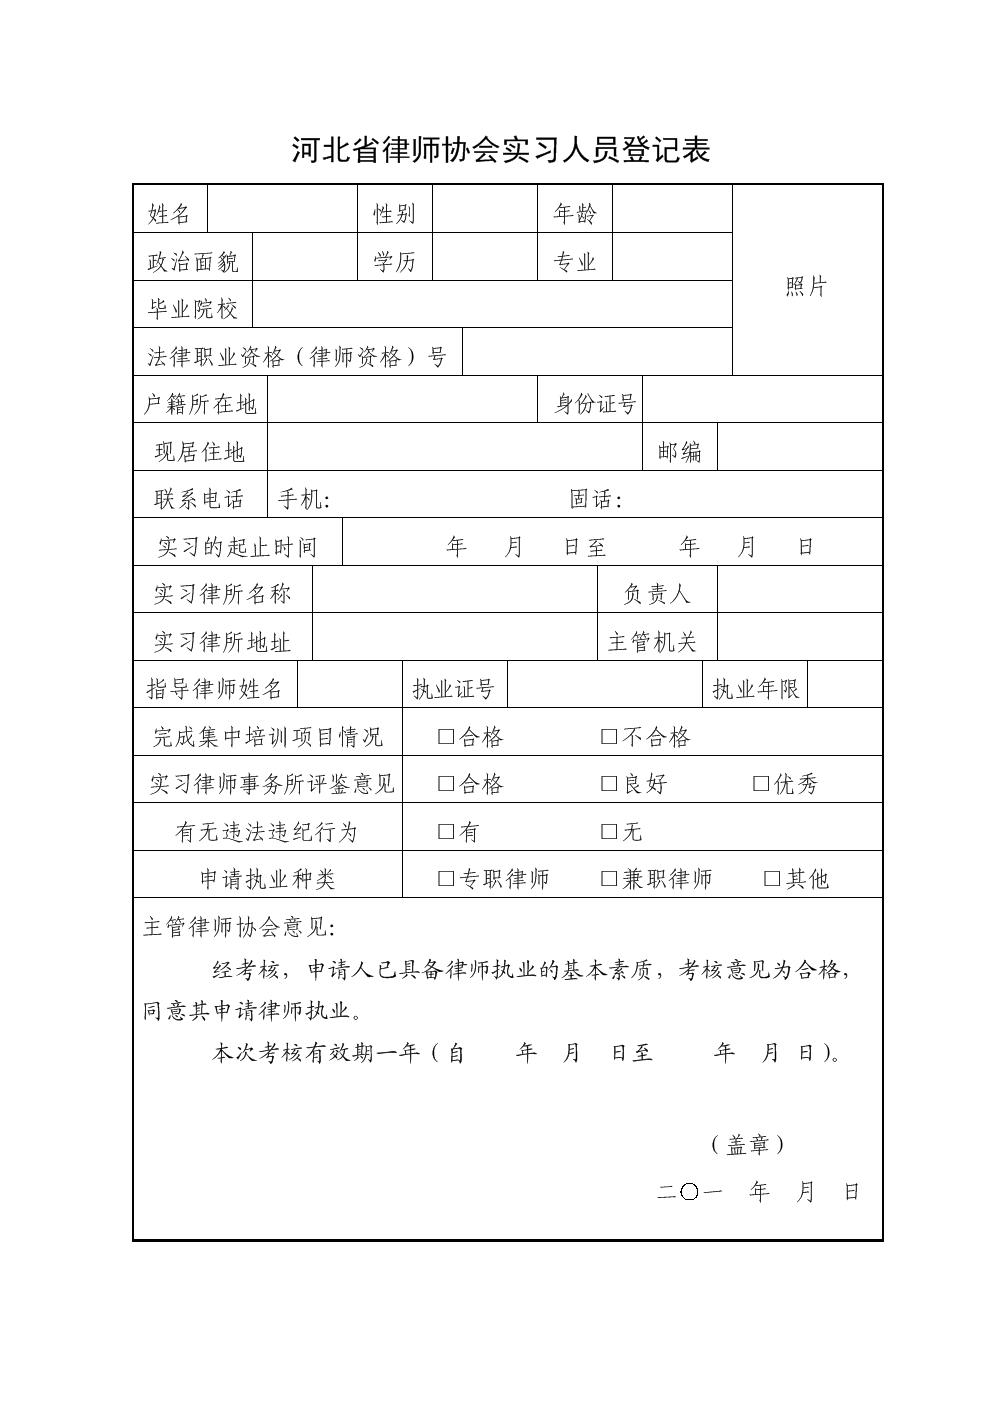 常住人口登记表模板_河北省常住人口登记表